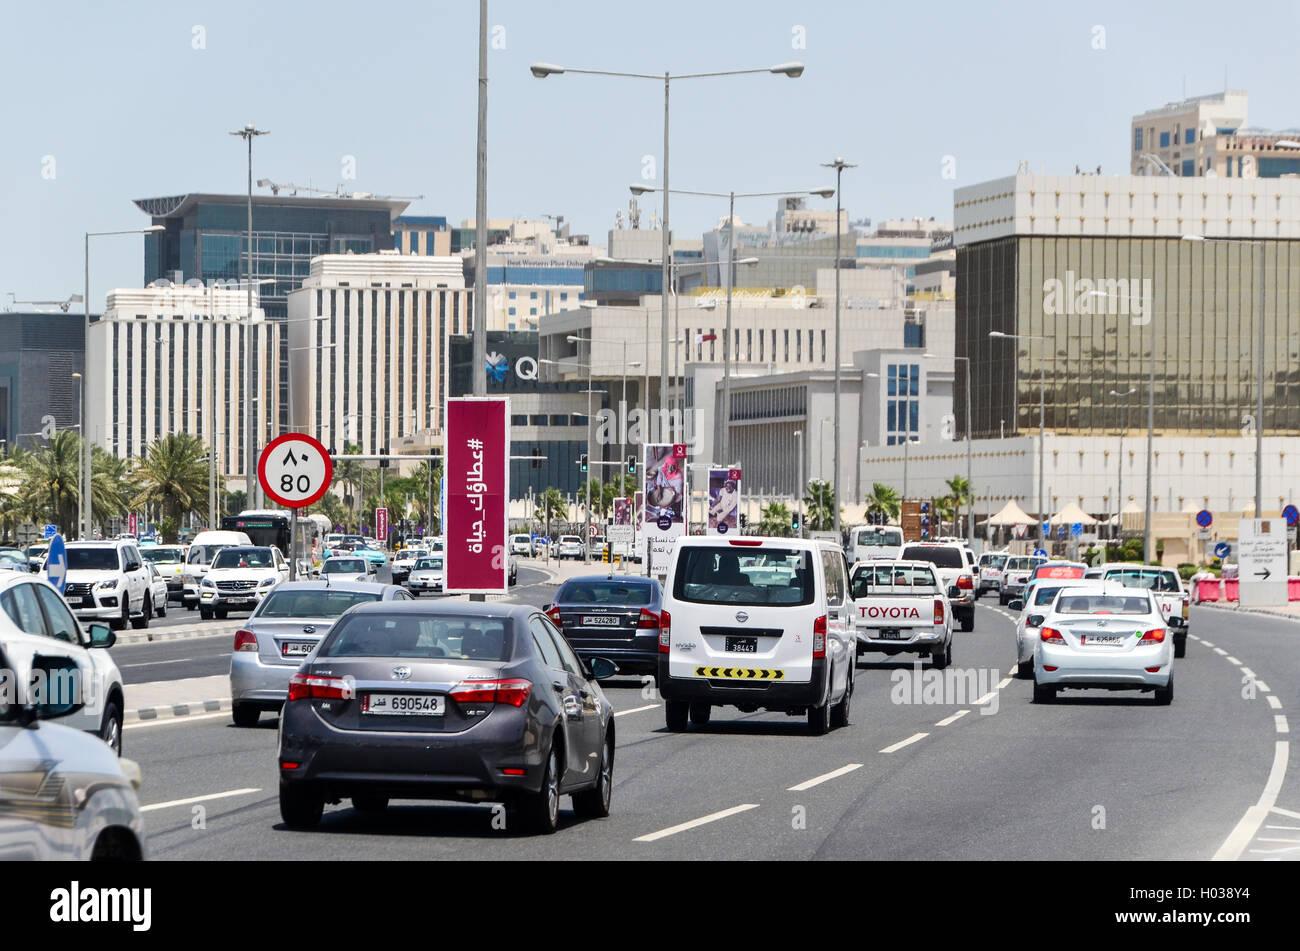 Le trafic sur les routes de Doha, Qatar Photo Stock